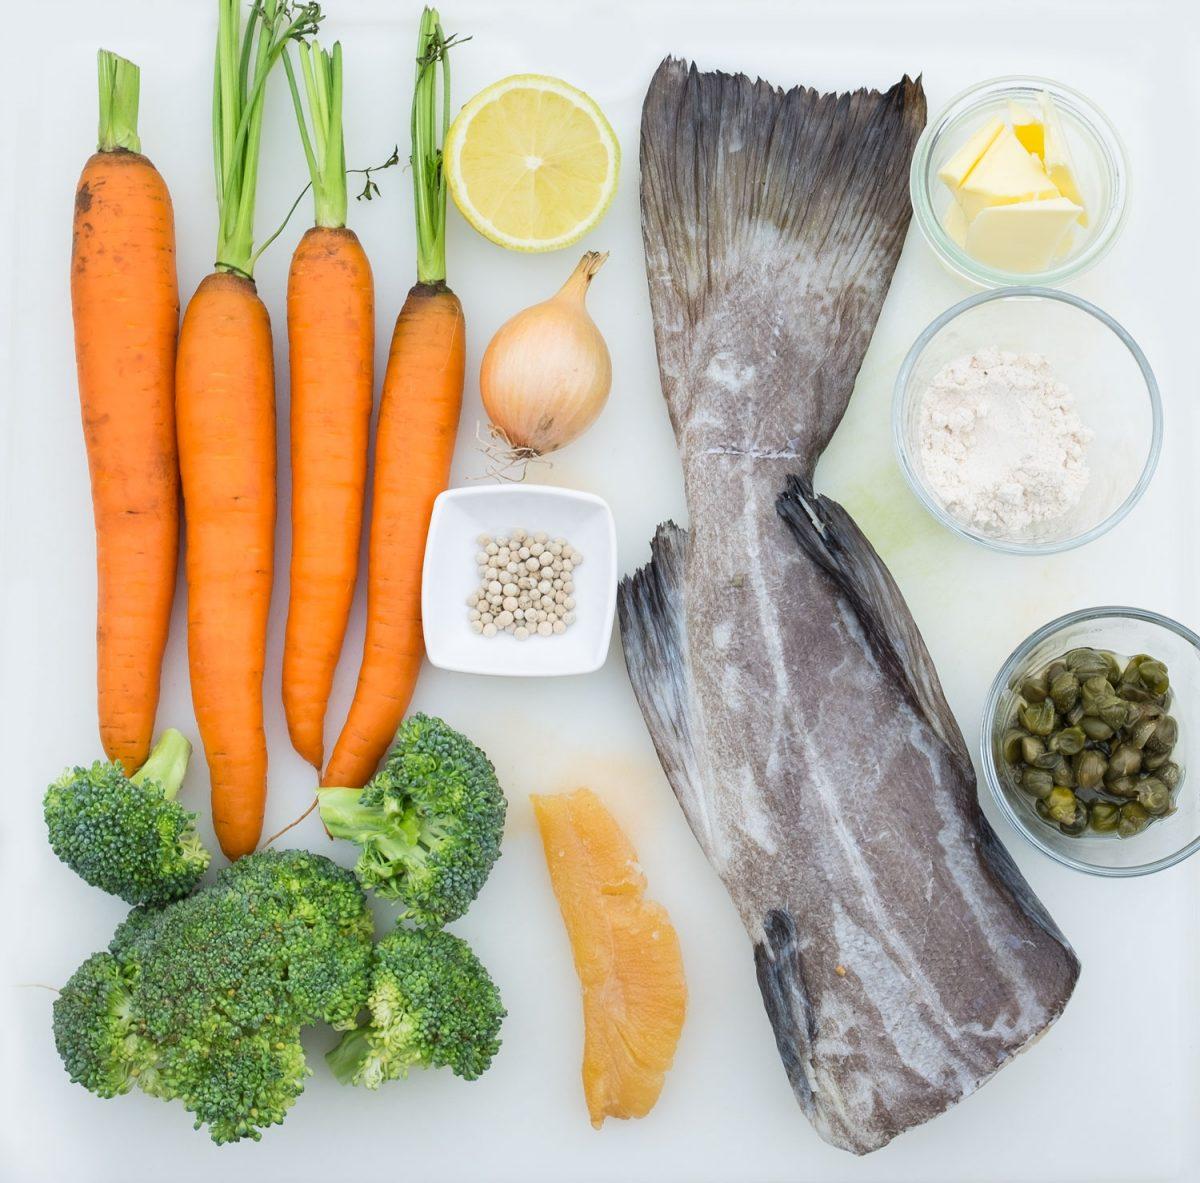 Kabeljau Möhren Brokkoli und Gewürze auf Küchenbrett